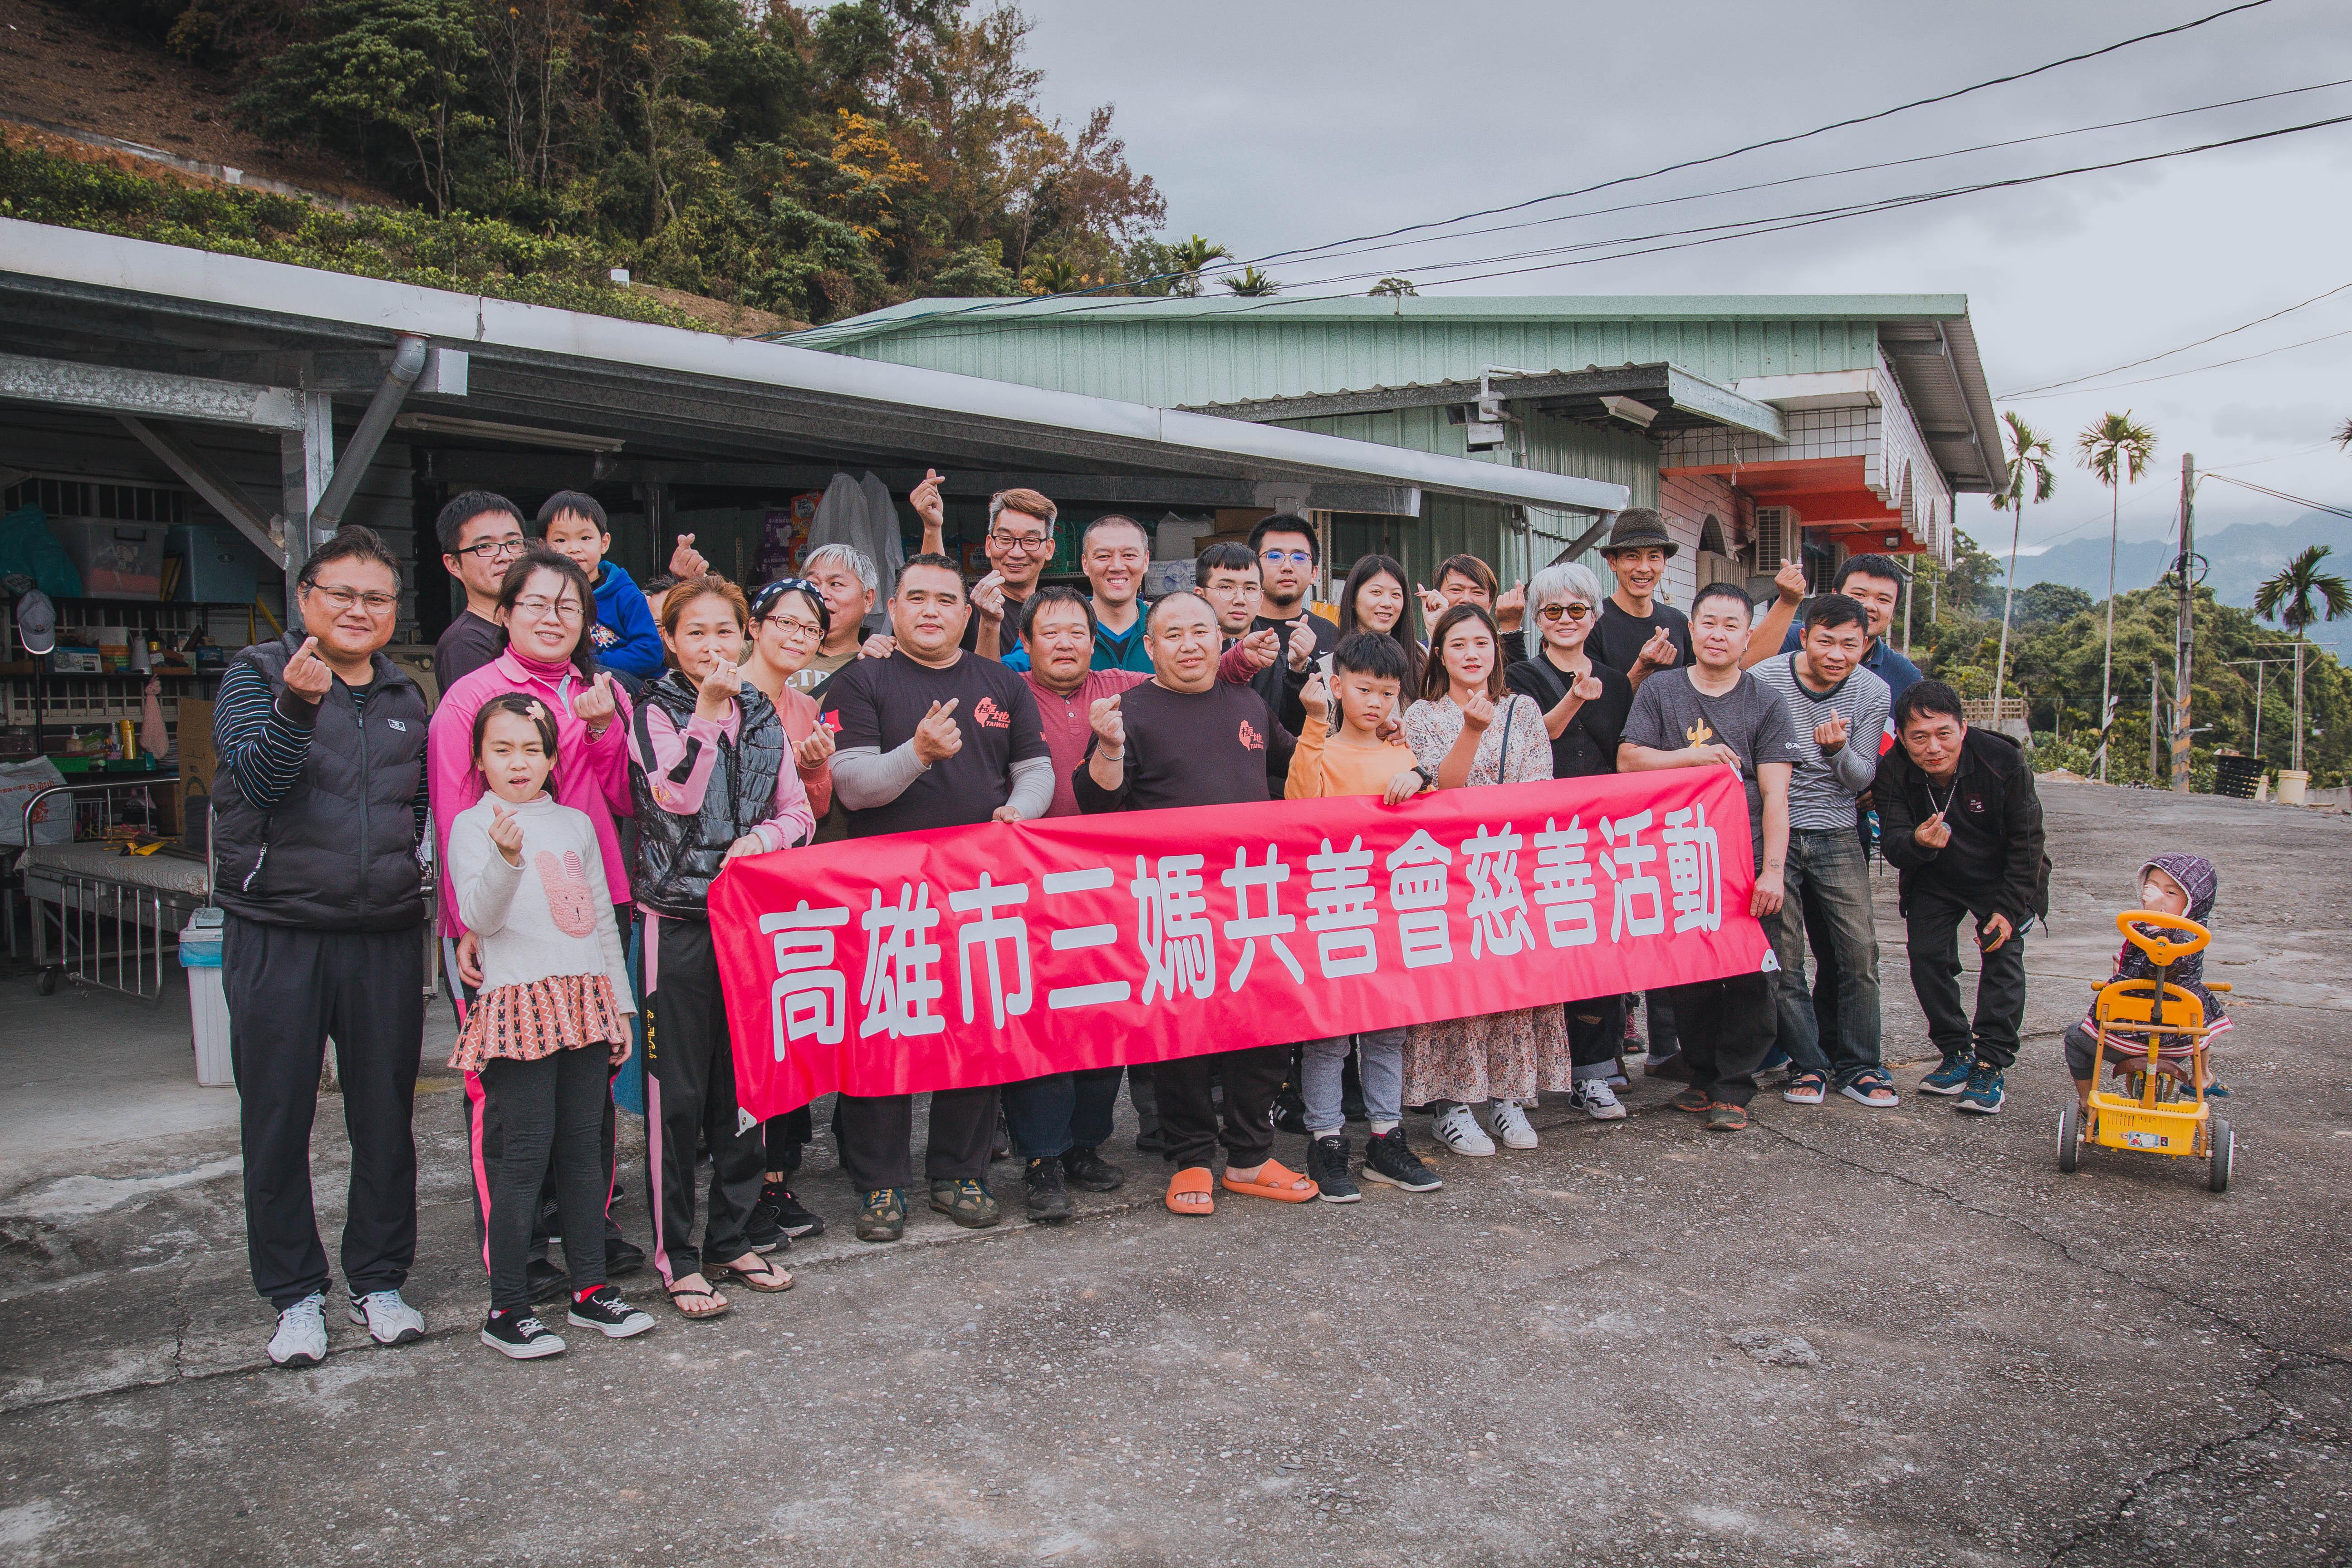 馬亨達台灣-暖心送物資-卓溪部落運補紀錄